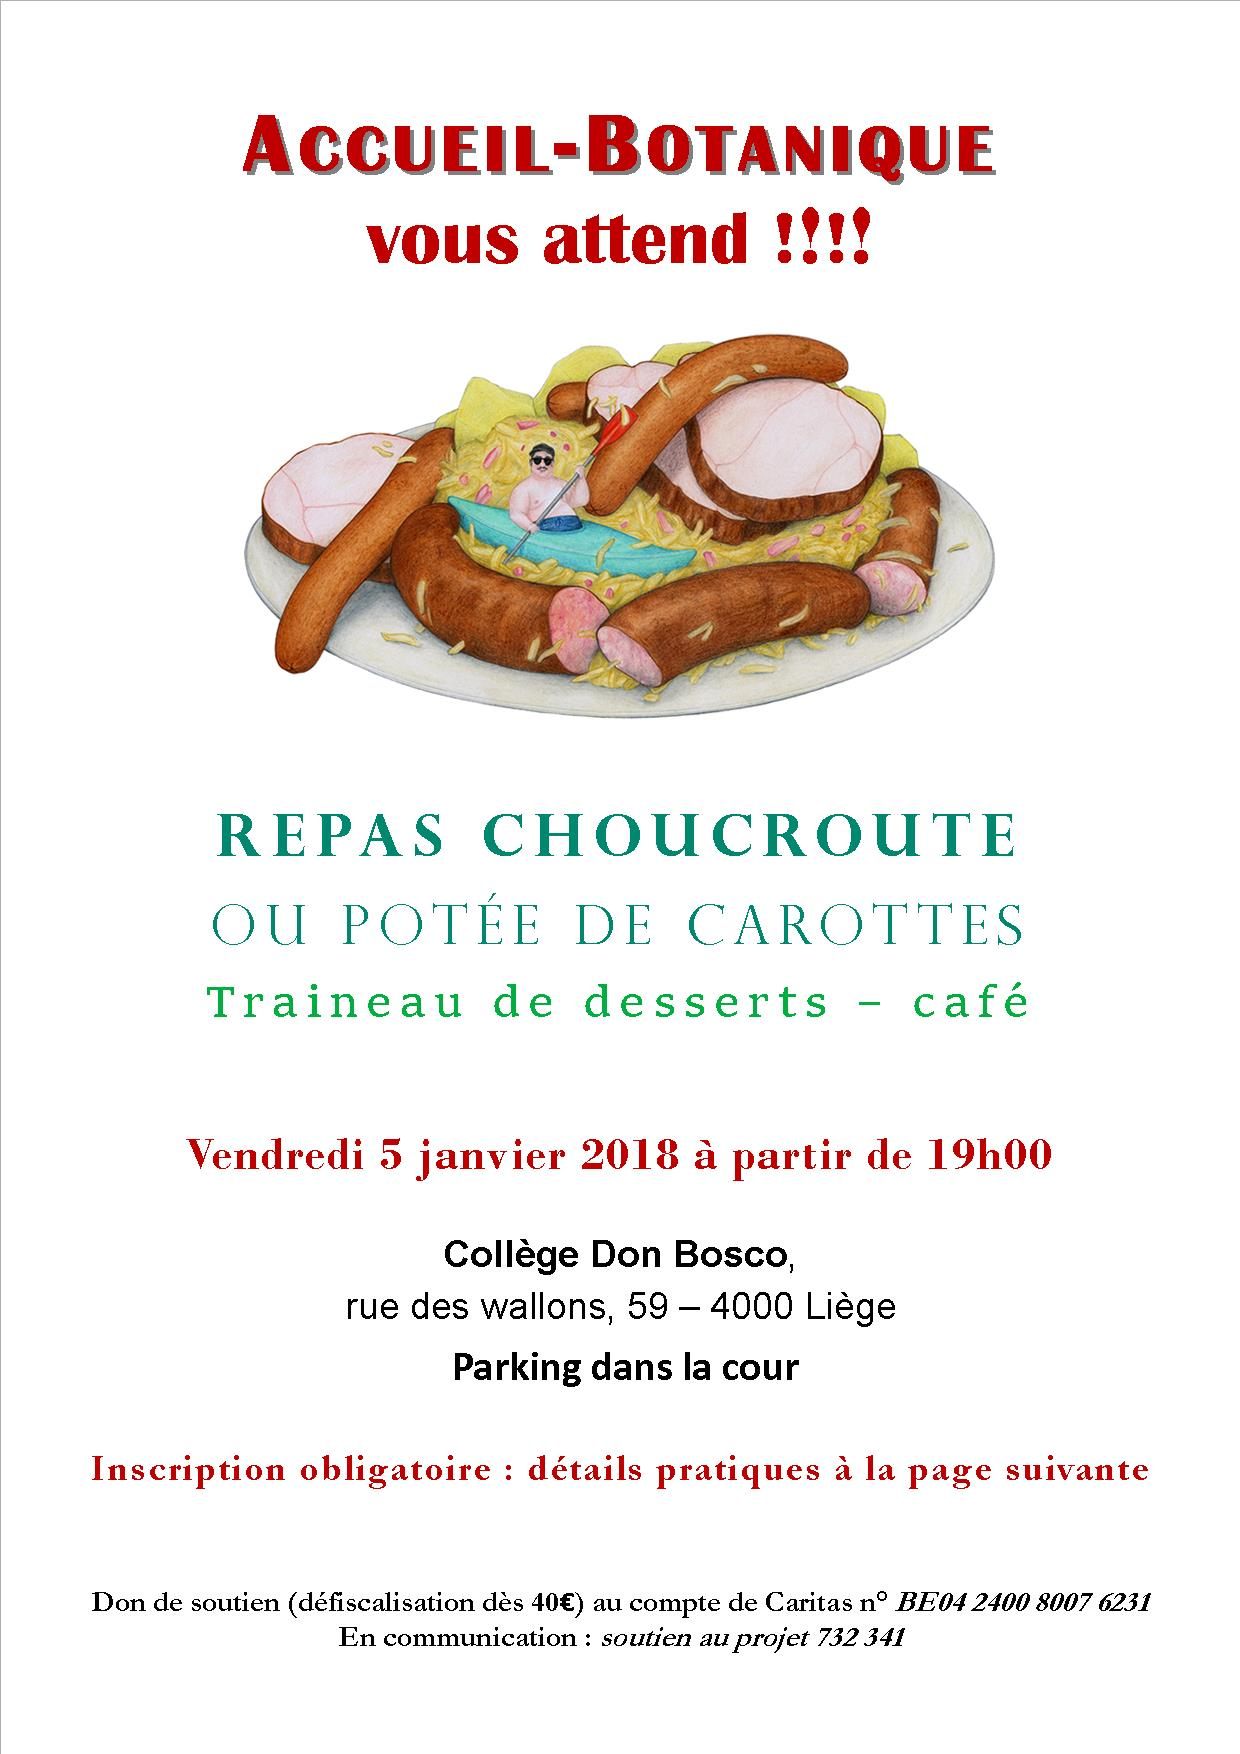 repas choucroute 2018